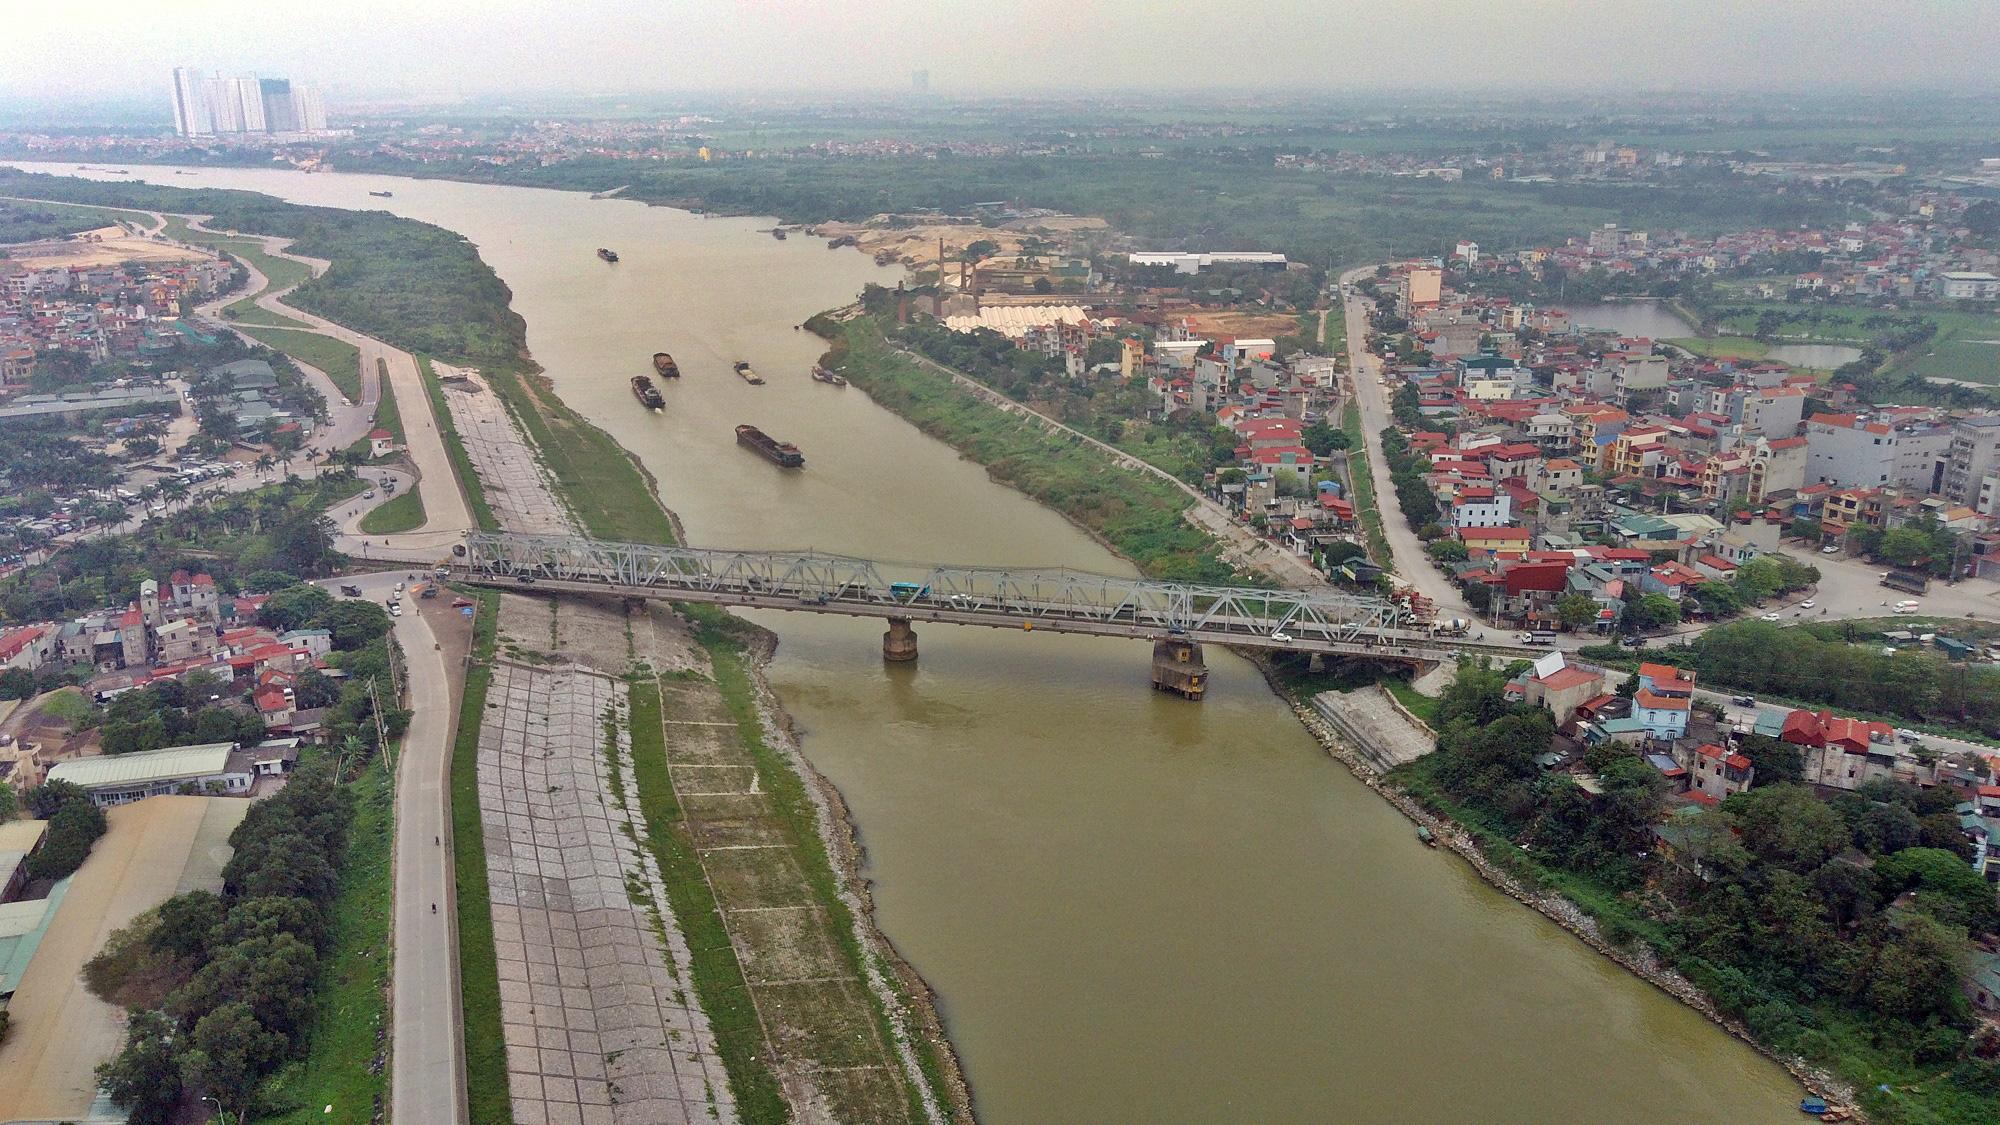 Cầu sẽ mở theo qui hoạch ở Hà Nội: Toàn cảnh vị trí làm cầu Đuống mới - Ảnh 11.